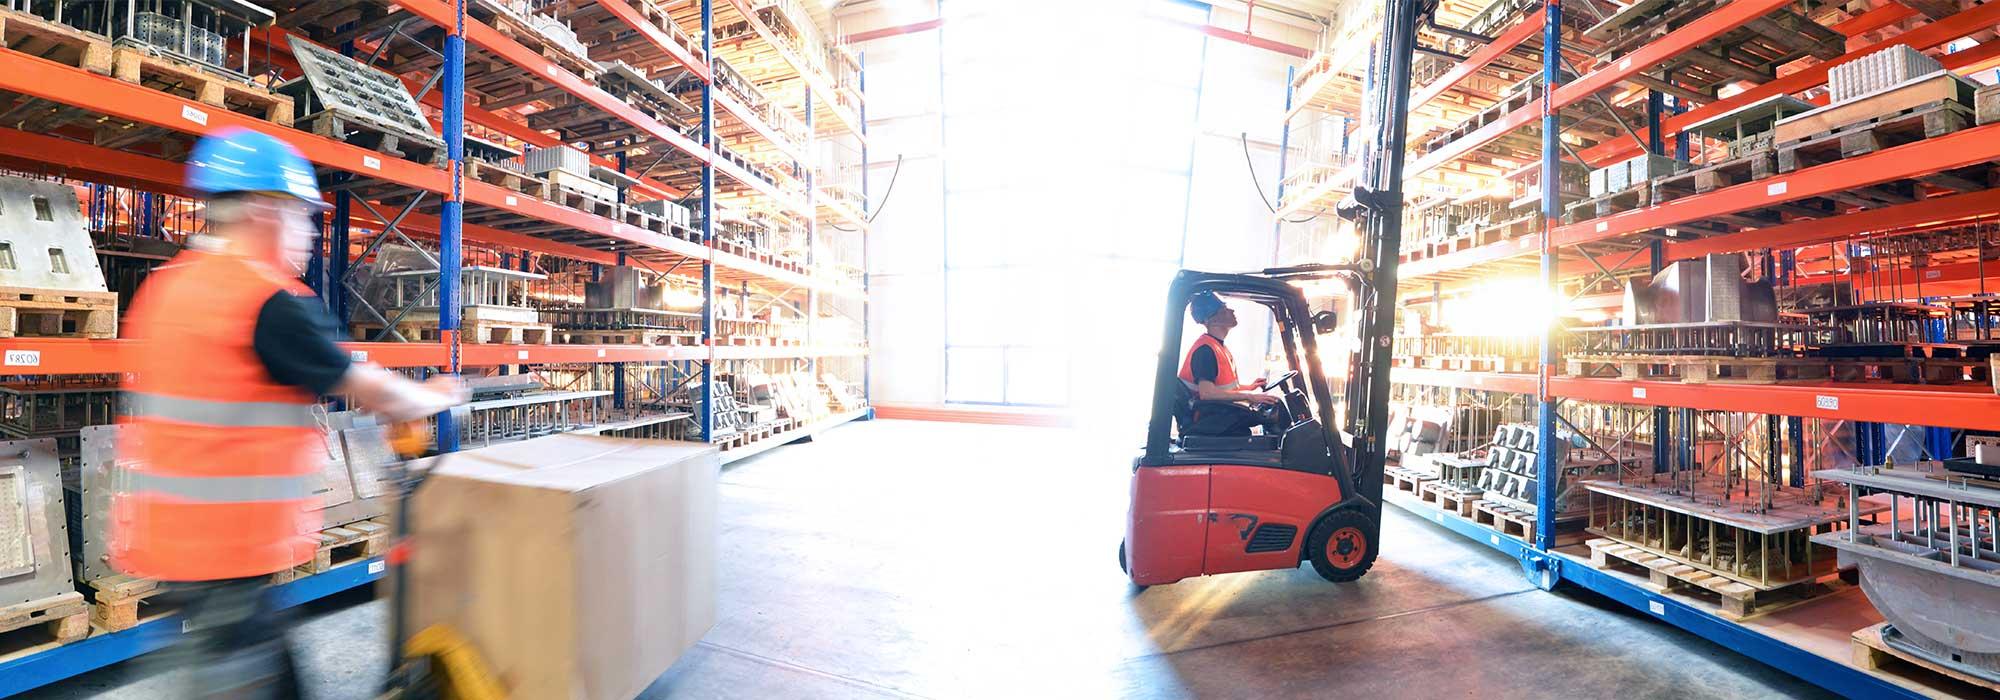 truck som kjører på et stort lager